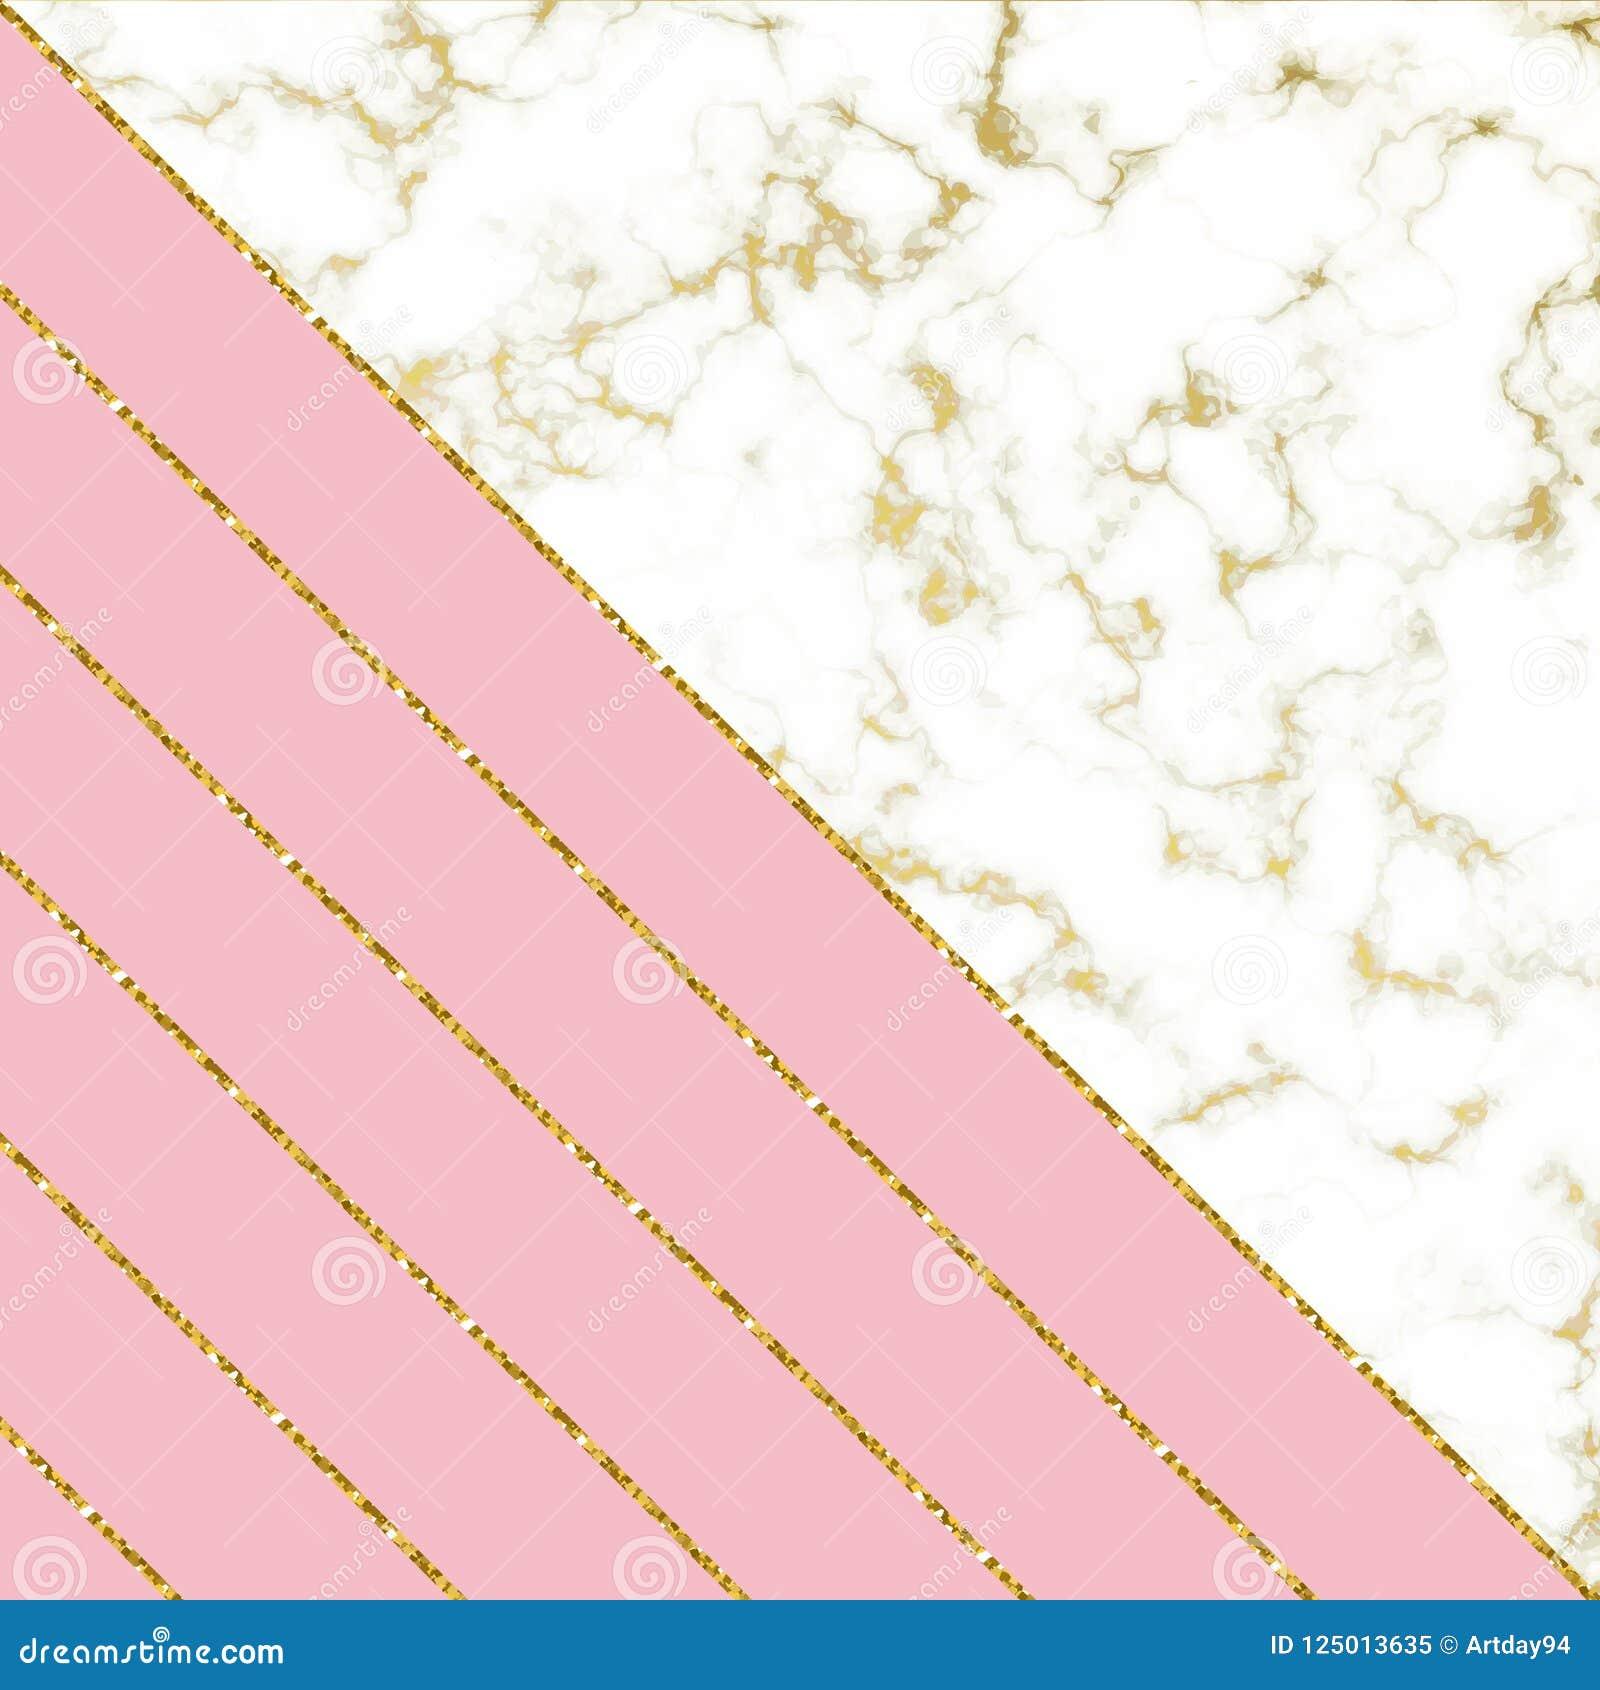 Το σύγχρονο υπόβαθρο με την άσπρα μαρμάρινα σύσταση και το ροζ και ο χρυσός ακτινοβολούν γραμμές Πρότυπο για τα σχέδια διακοπών,